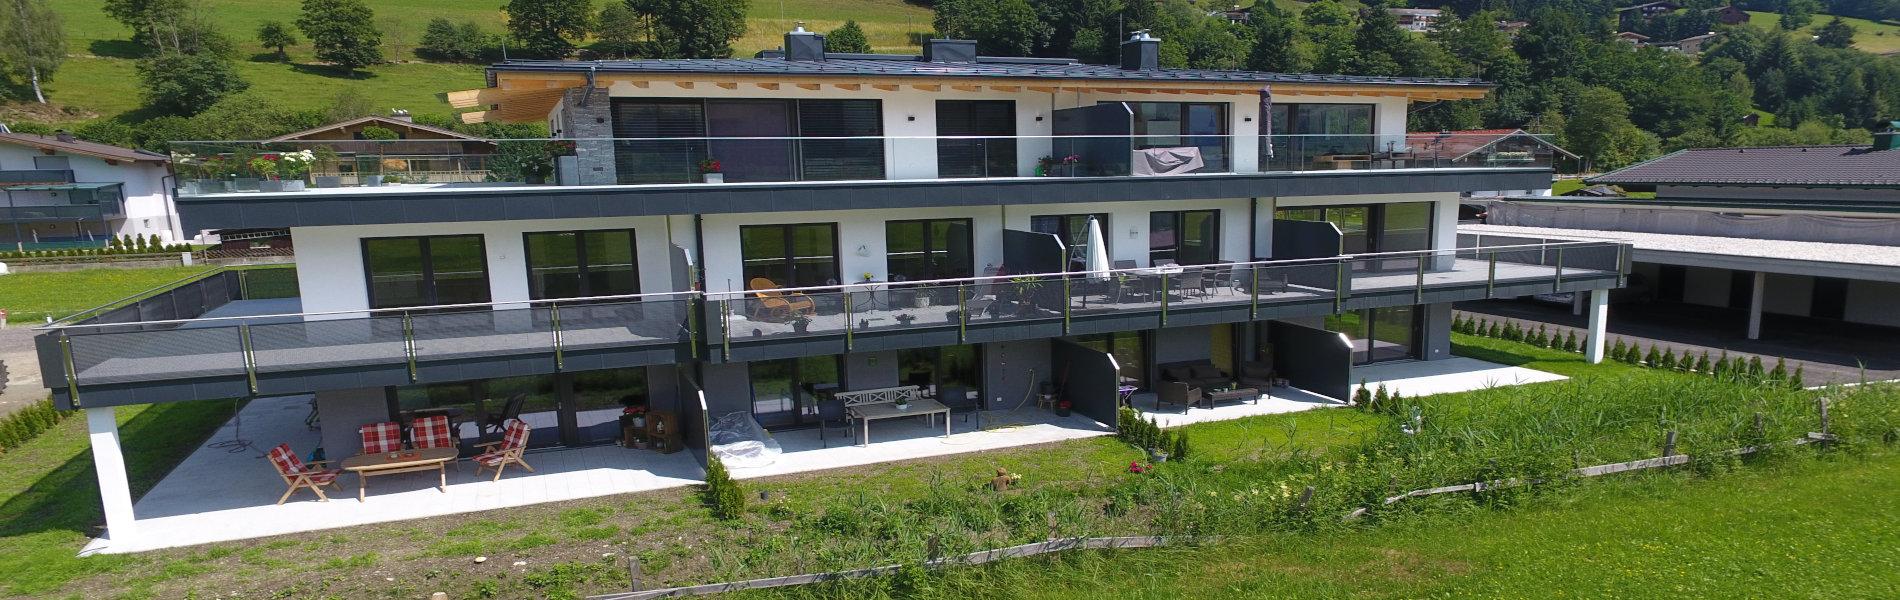 Wau-Wohnbau-Mittersill-Grüne-Lounge